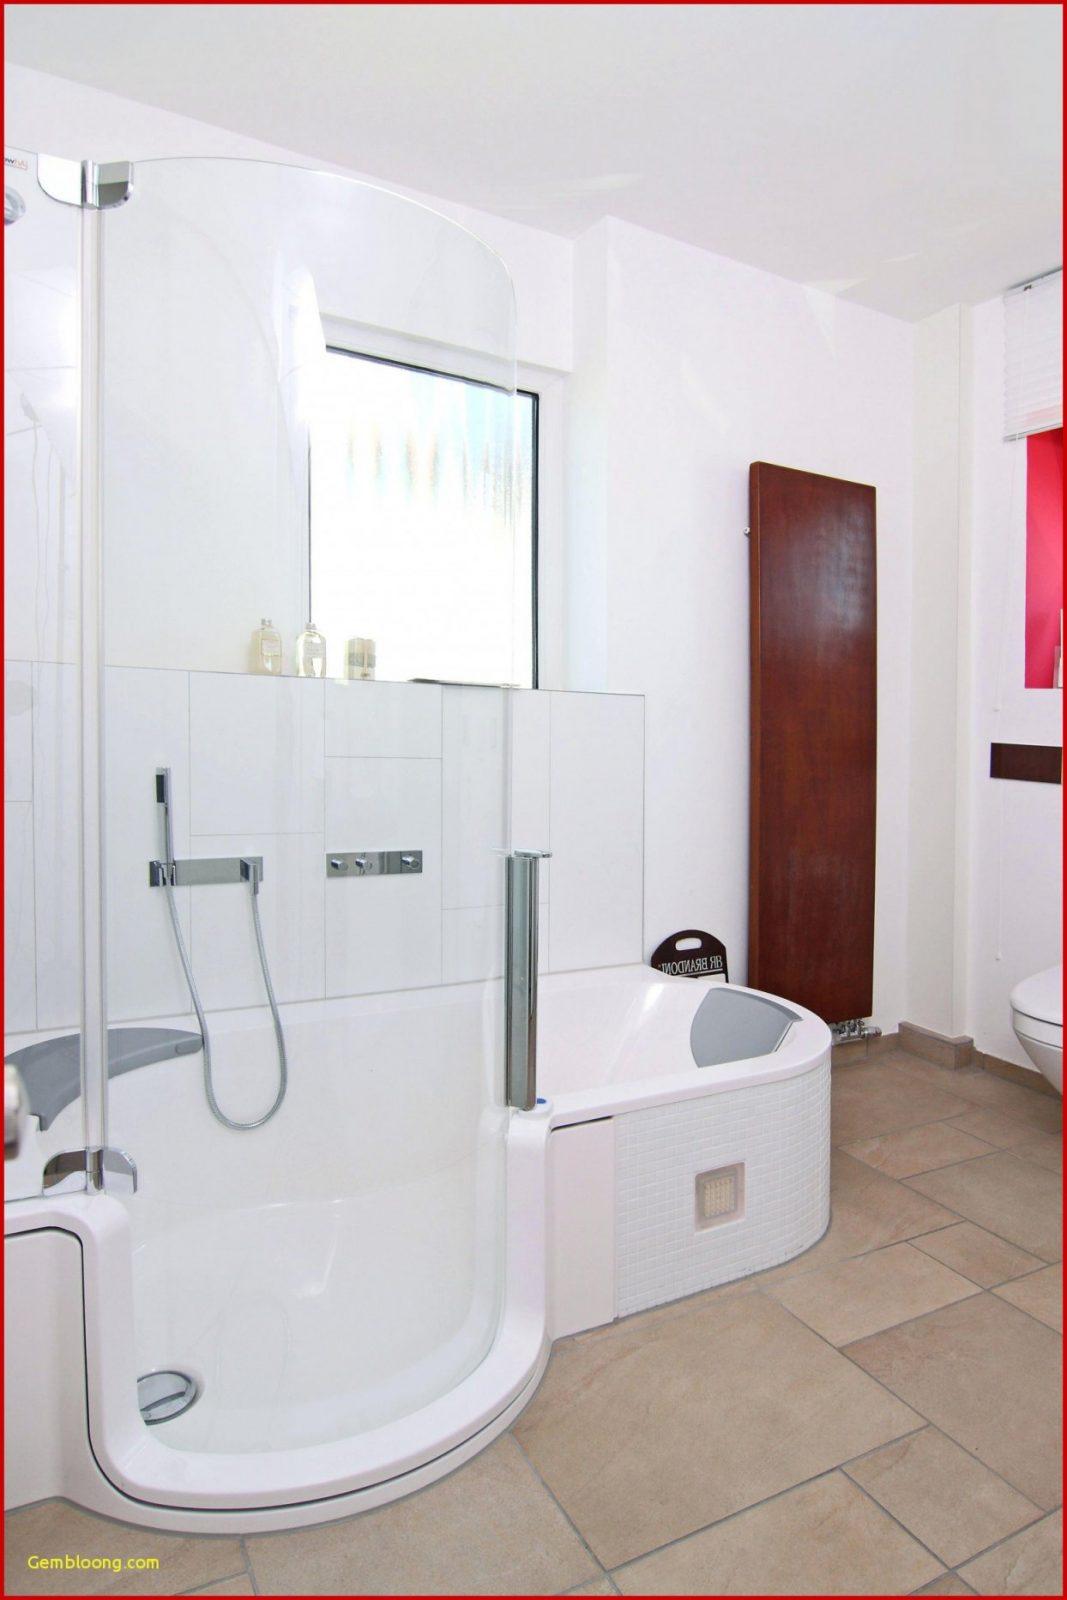 Bad In Kleine Badkamer 339340 Badkamer Led Inspirerende Bad Auf von Badezimmer Auf Kleinem Raum Bild